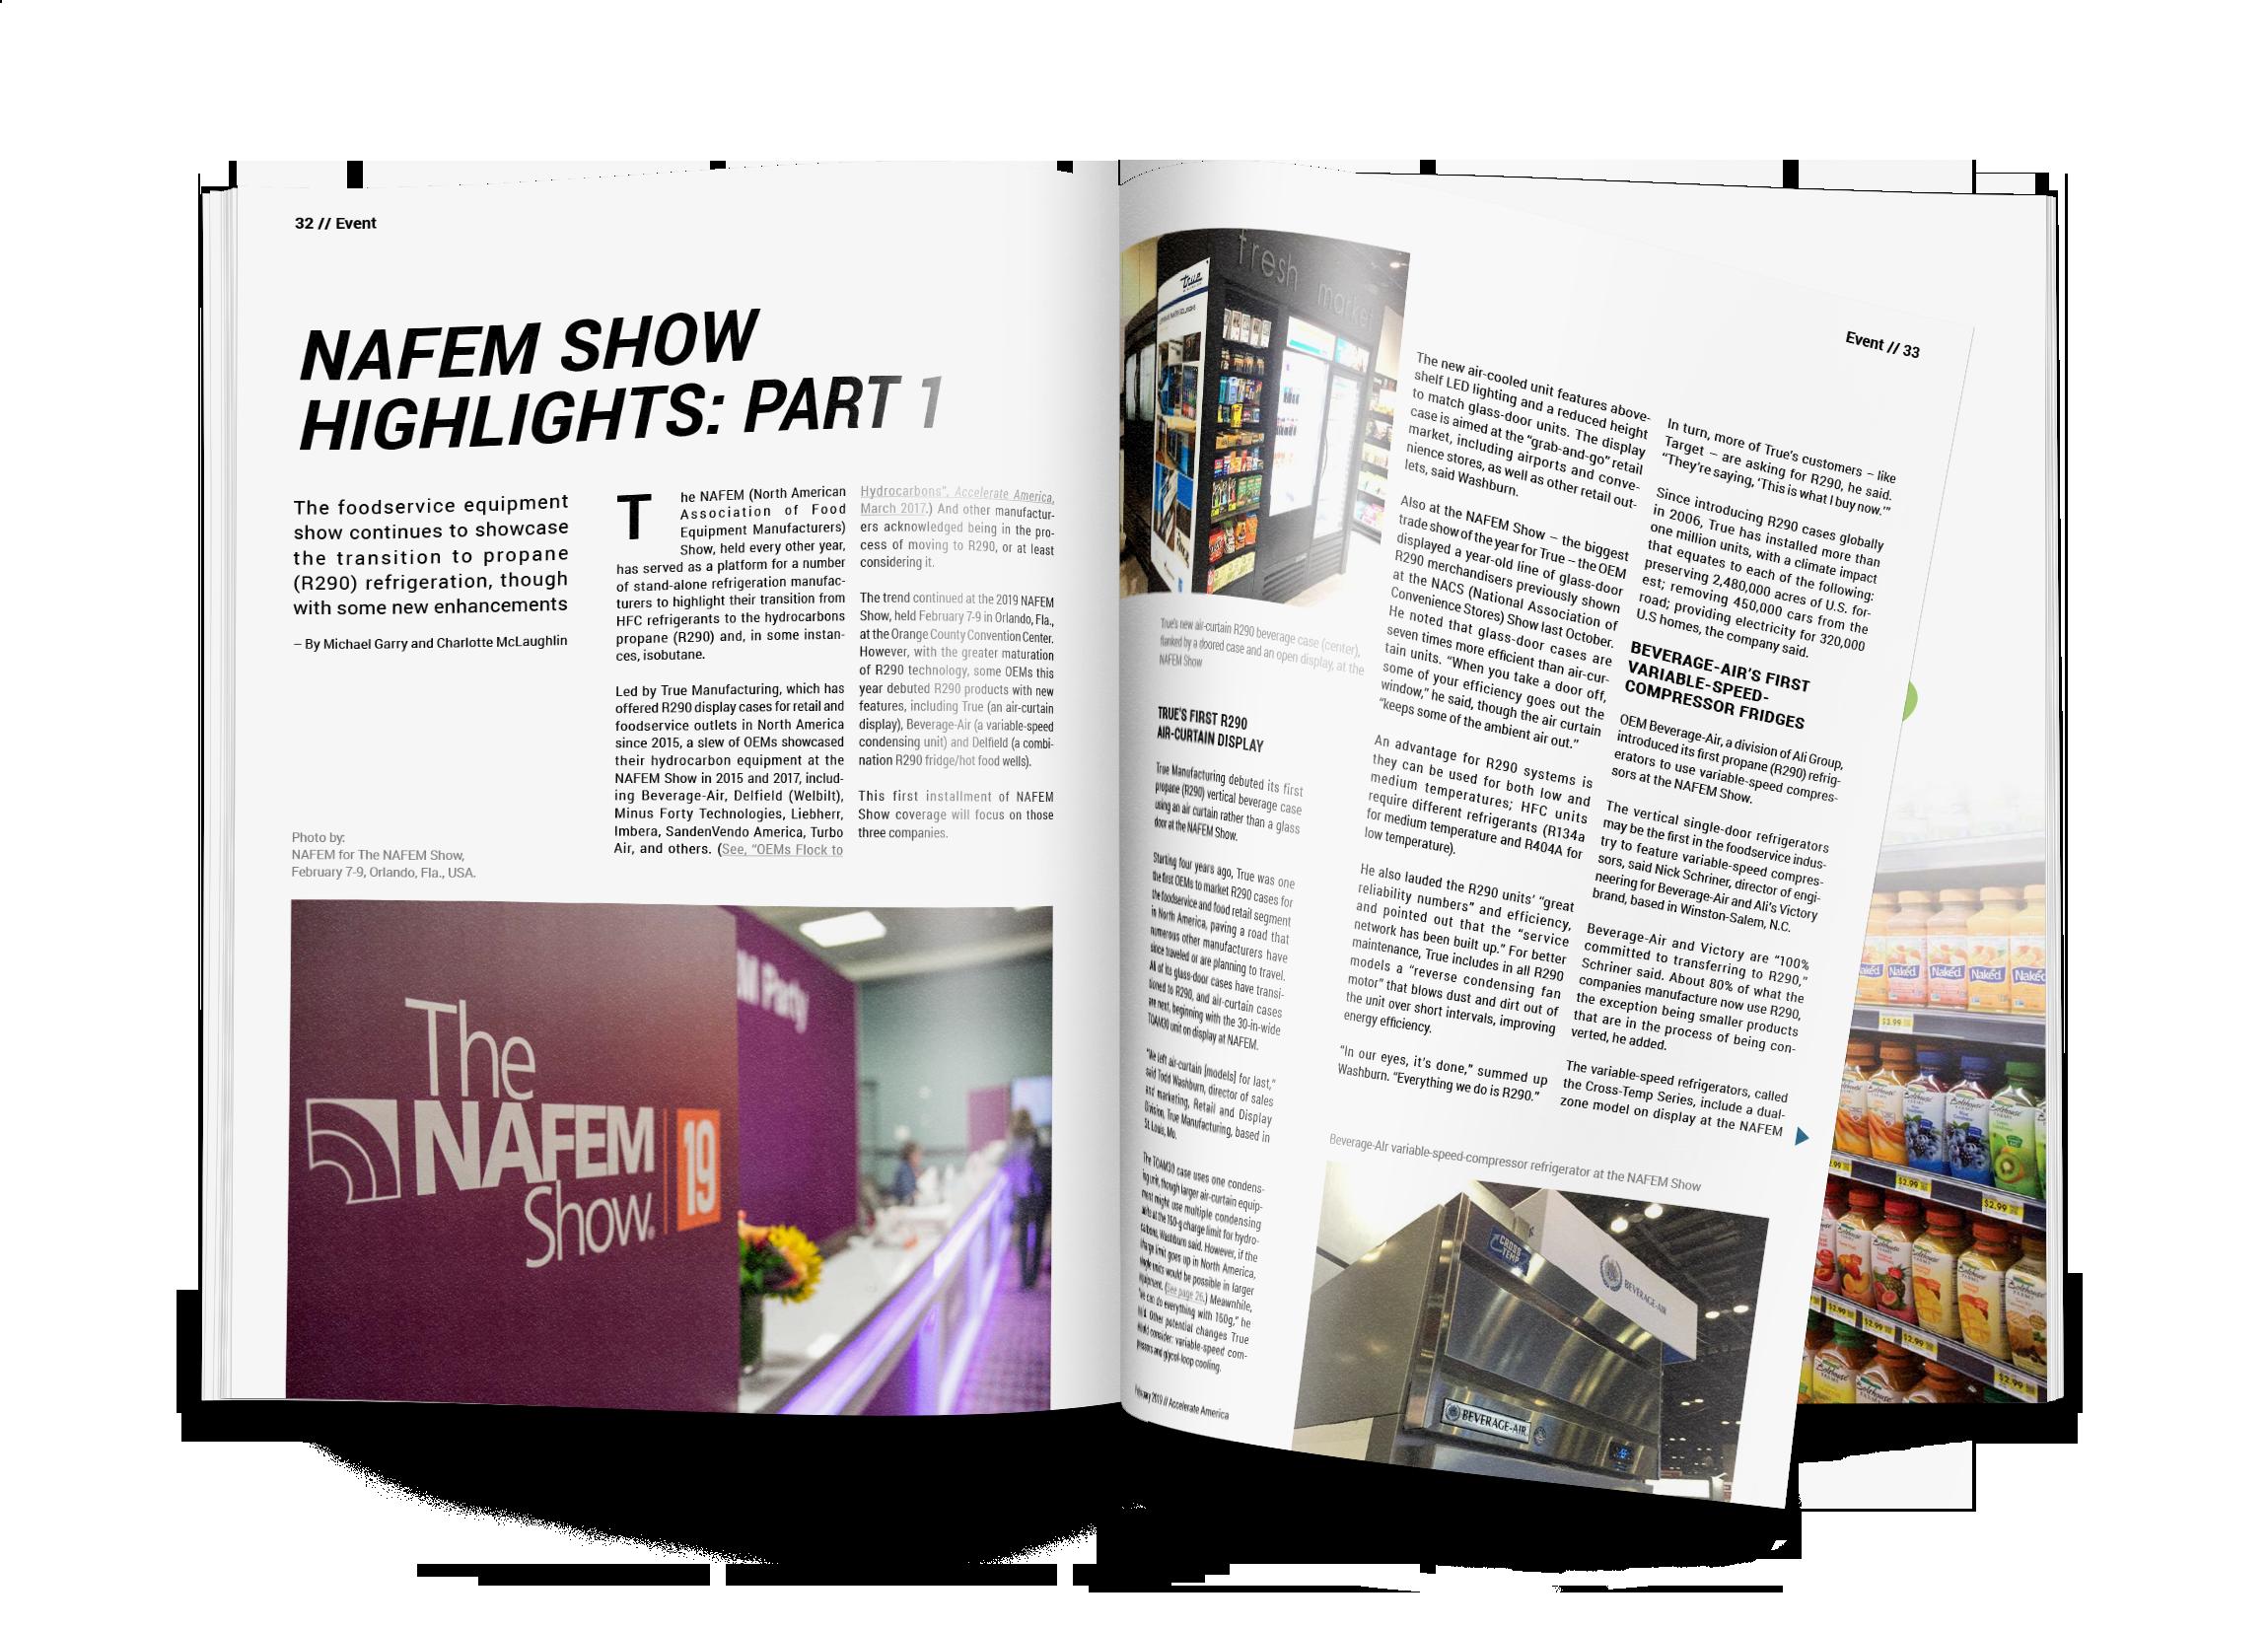 NAFEM show highlights: part 1